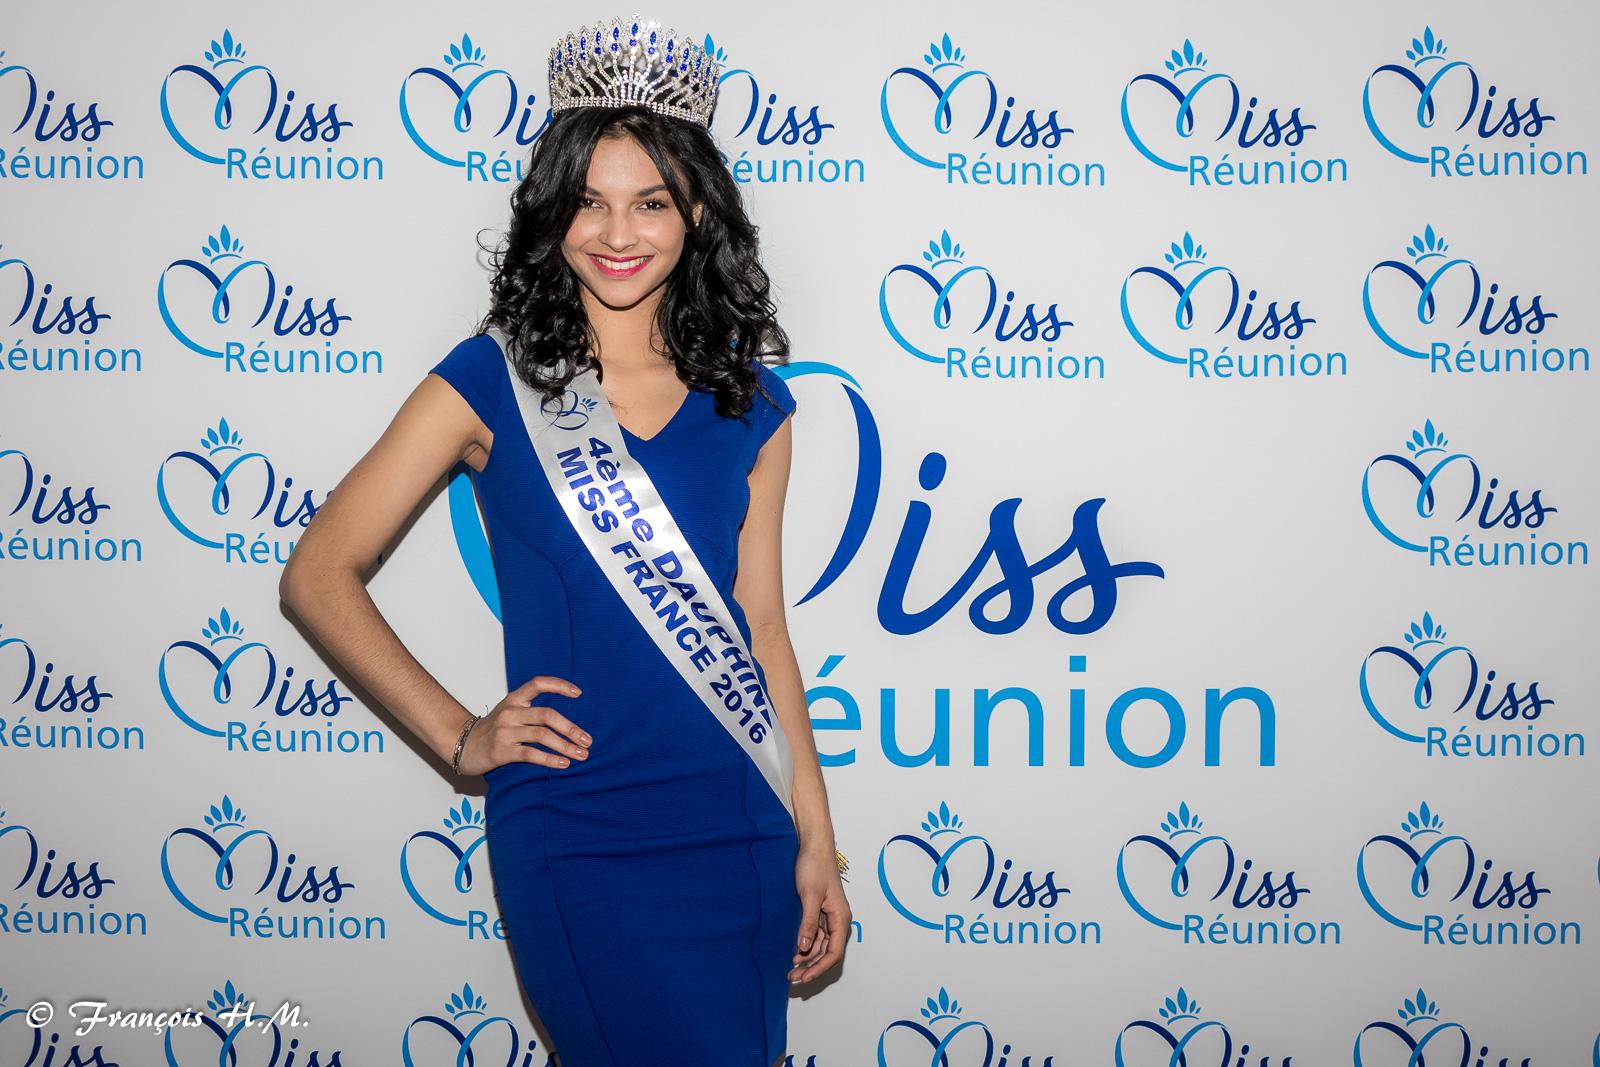 Les 12 candidates à l'élection Miss Réunion 2016 révélées